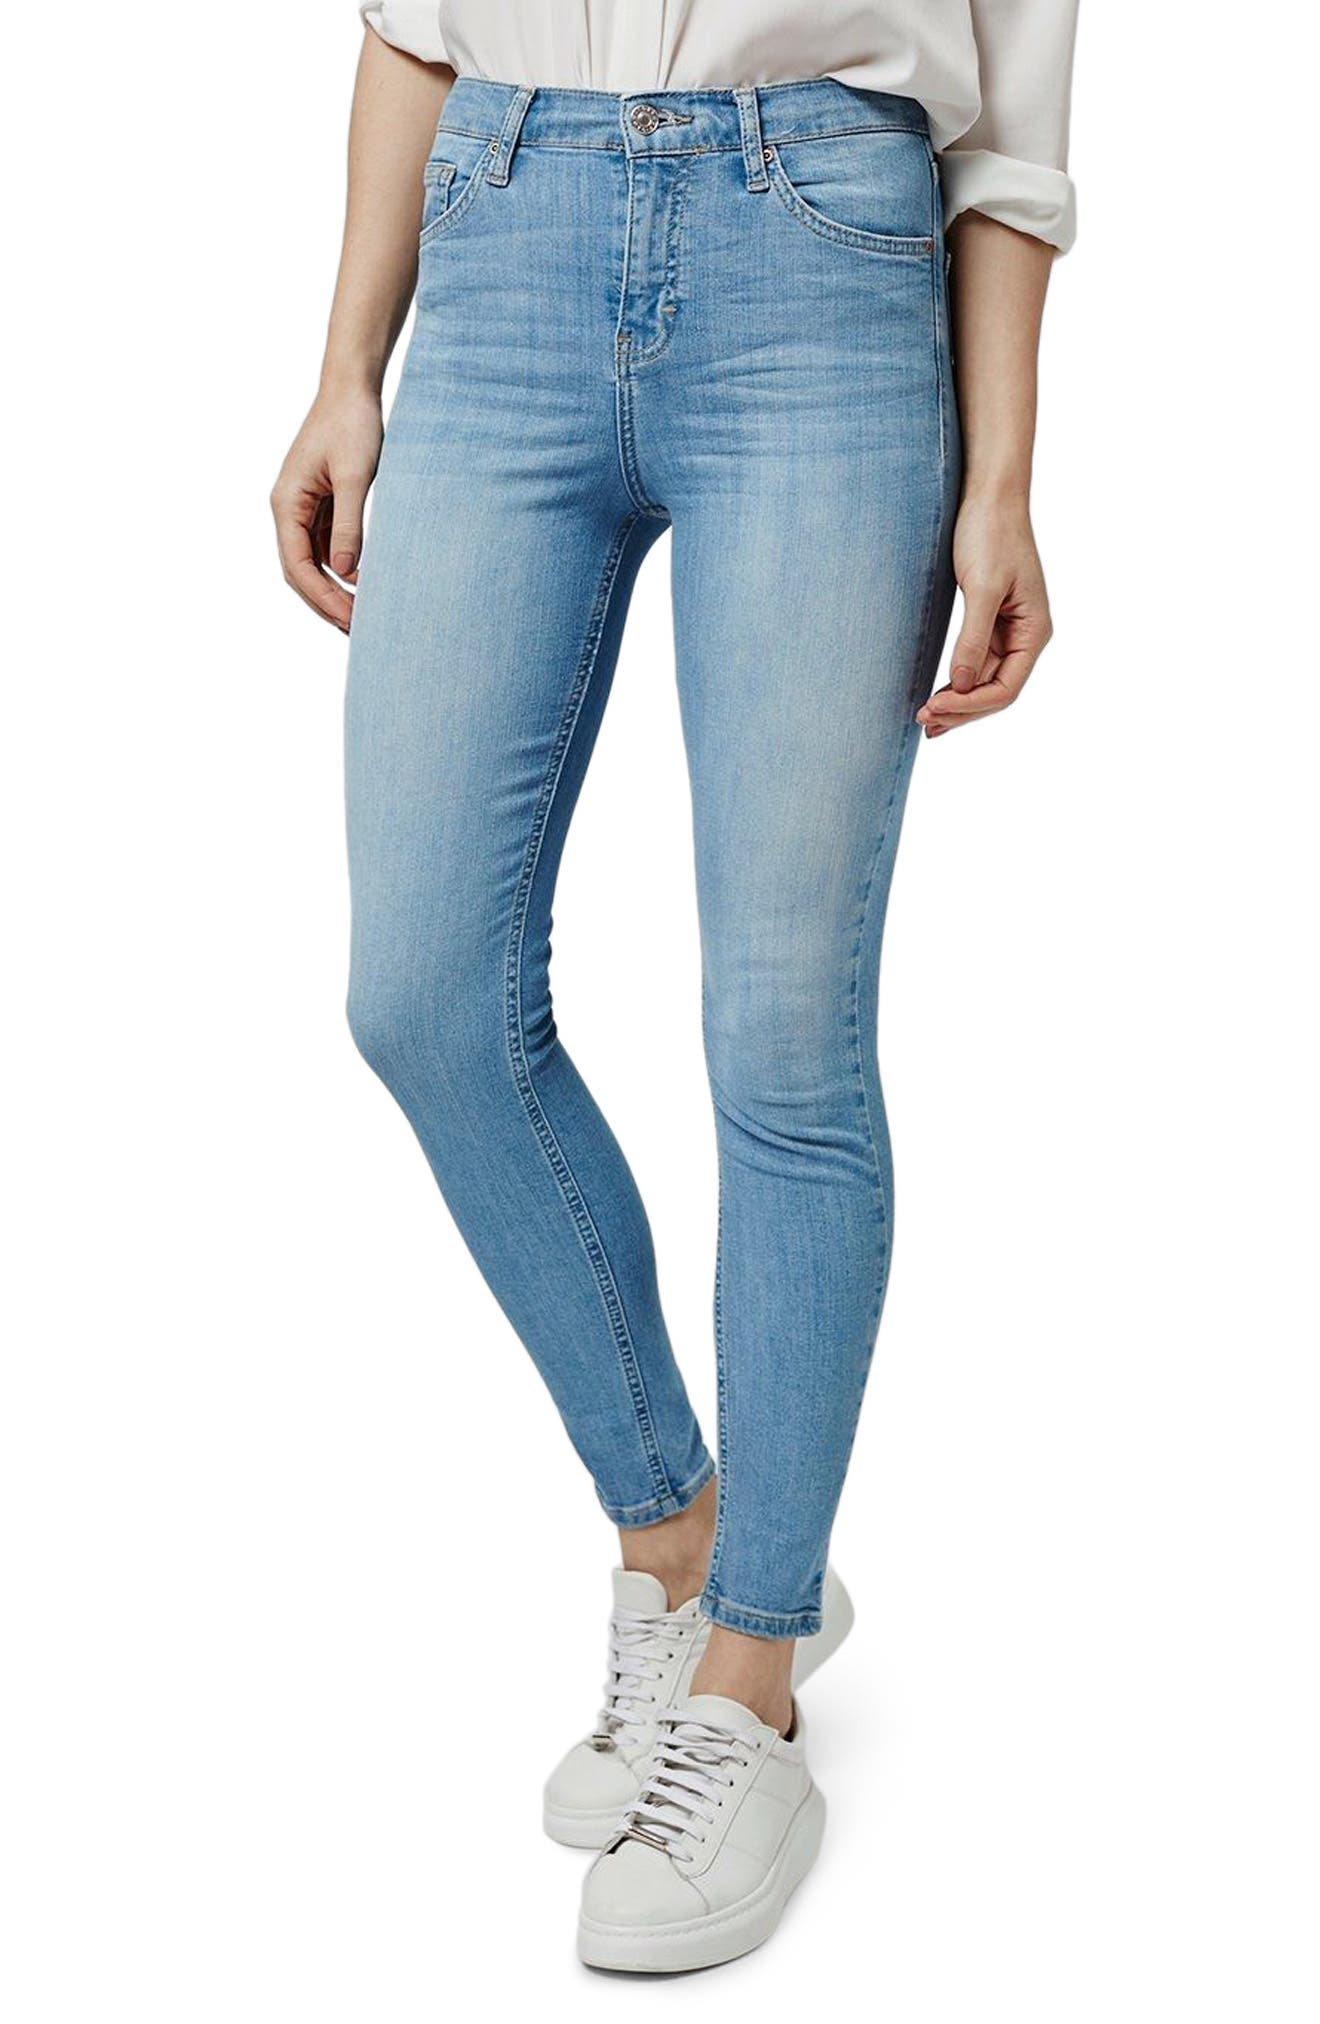 TOPSHOP, Moto Jamie Jeans, Main thumbnail 1, color, 450